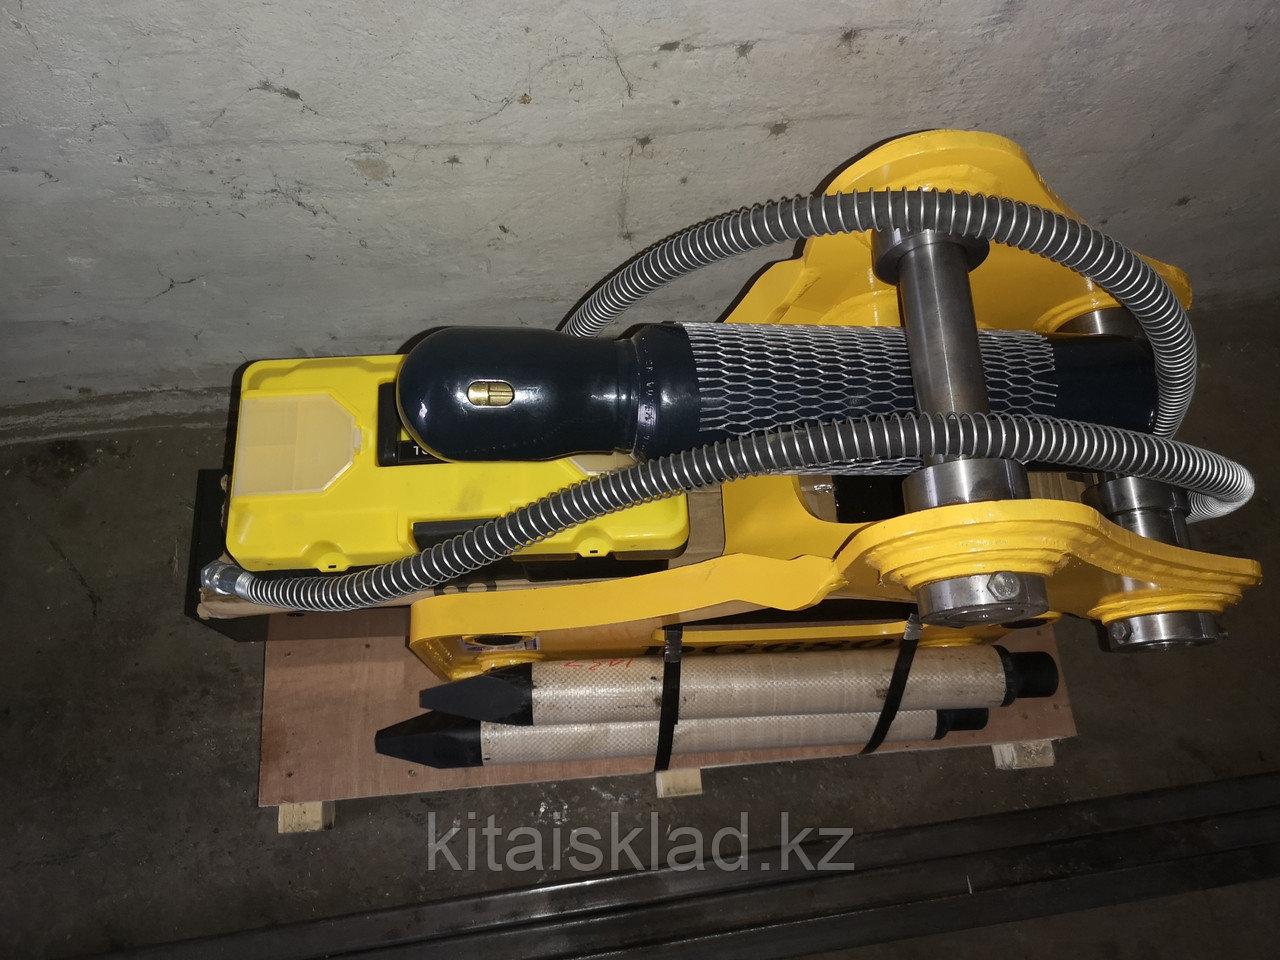 Гидромолот DG680 YANTAI DAIGO (молоток гидравлический)